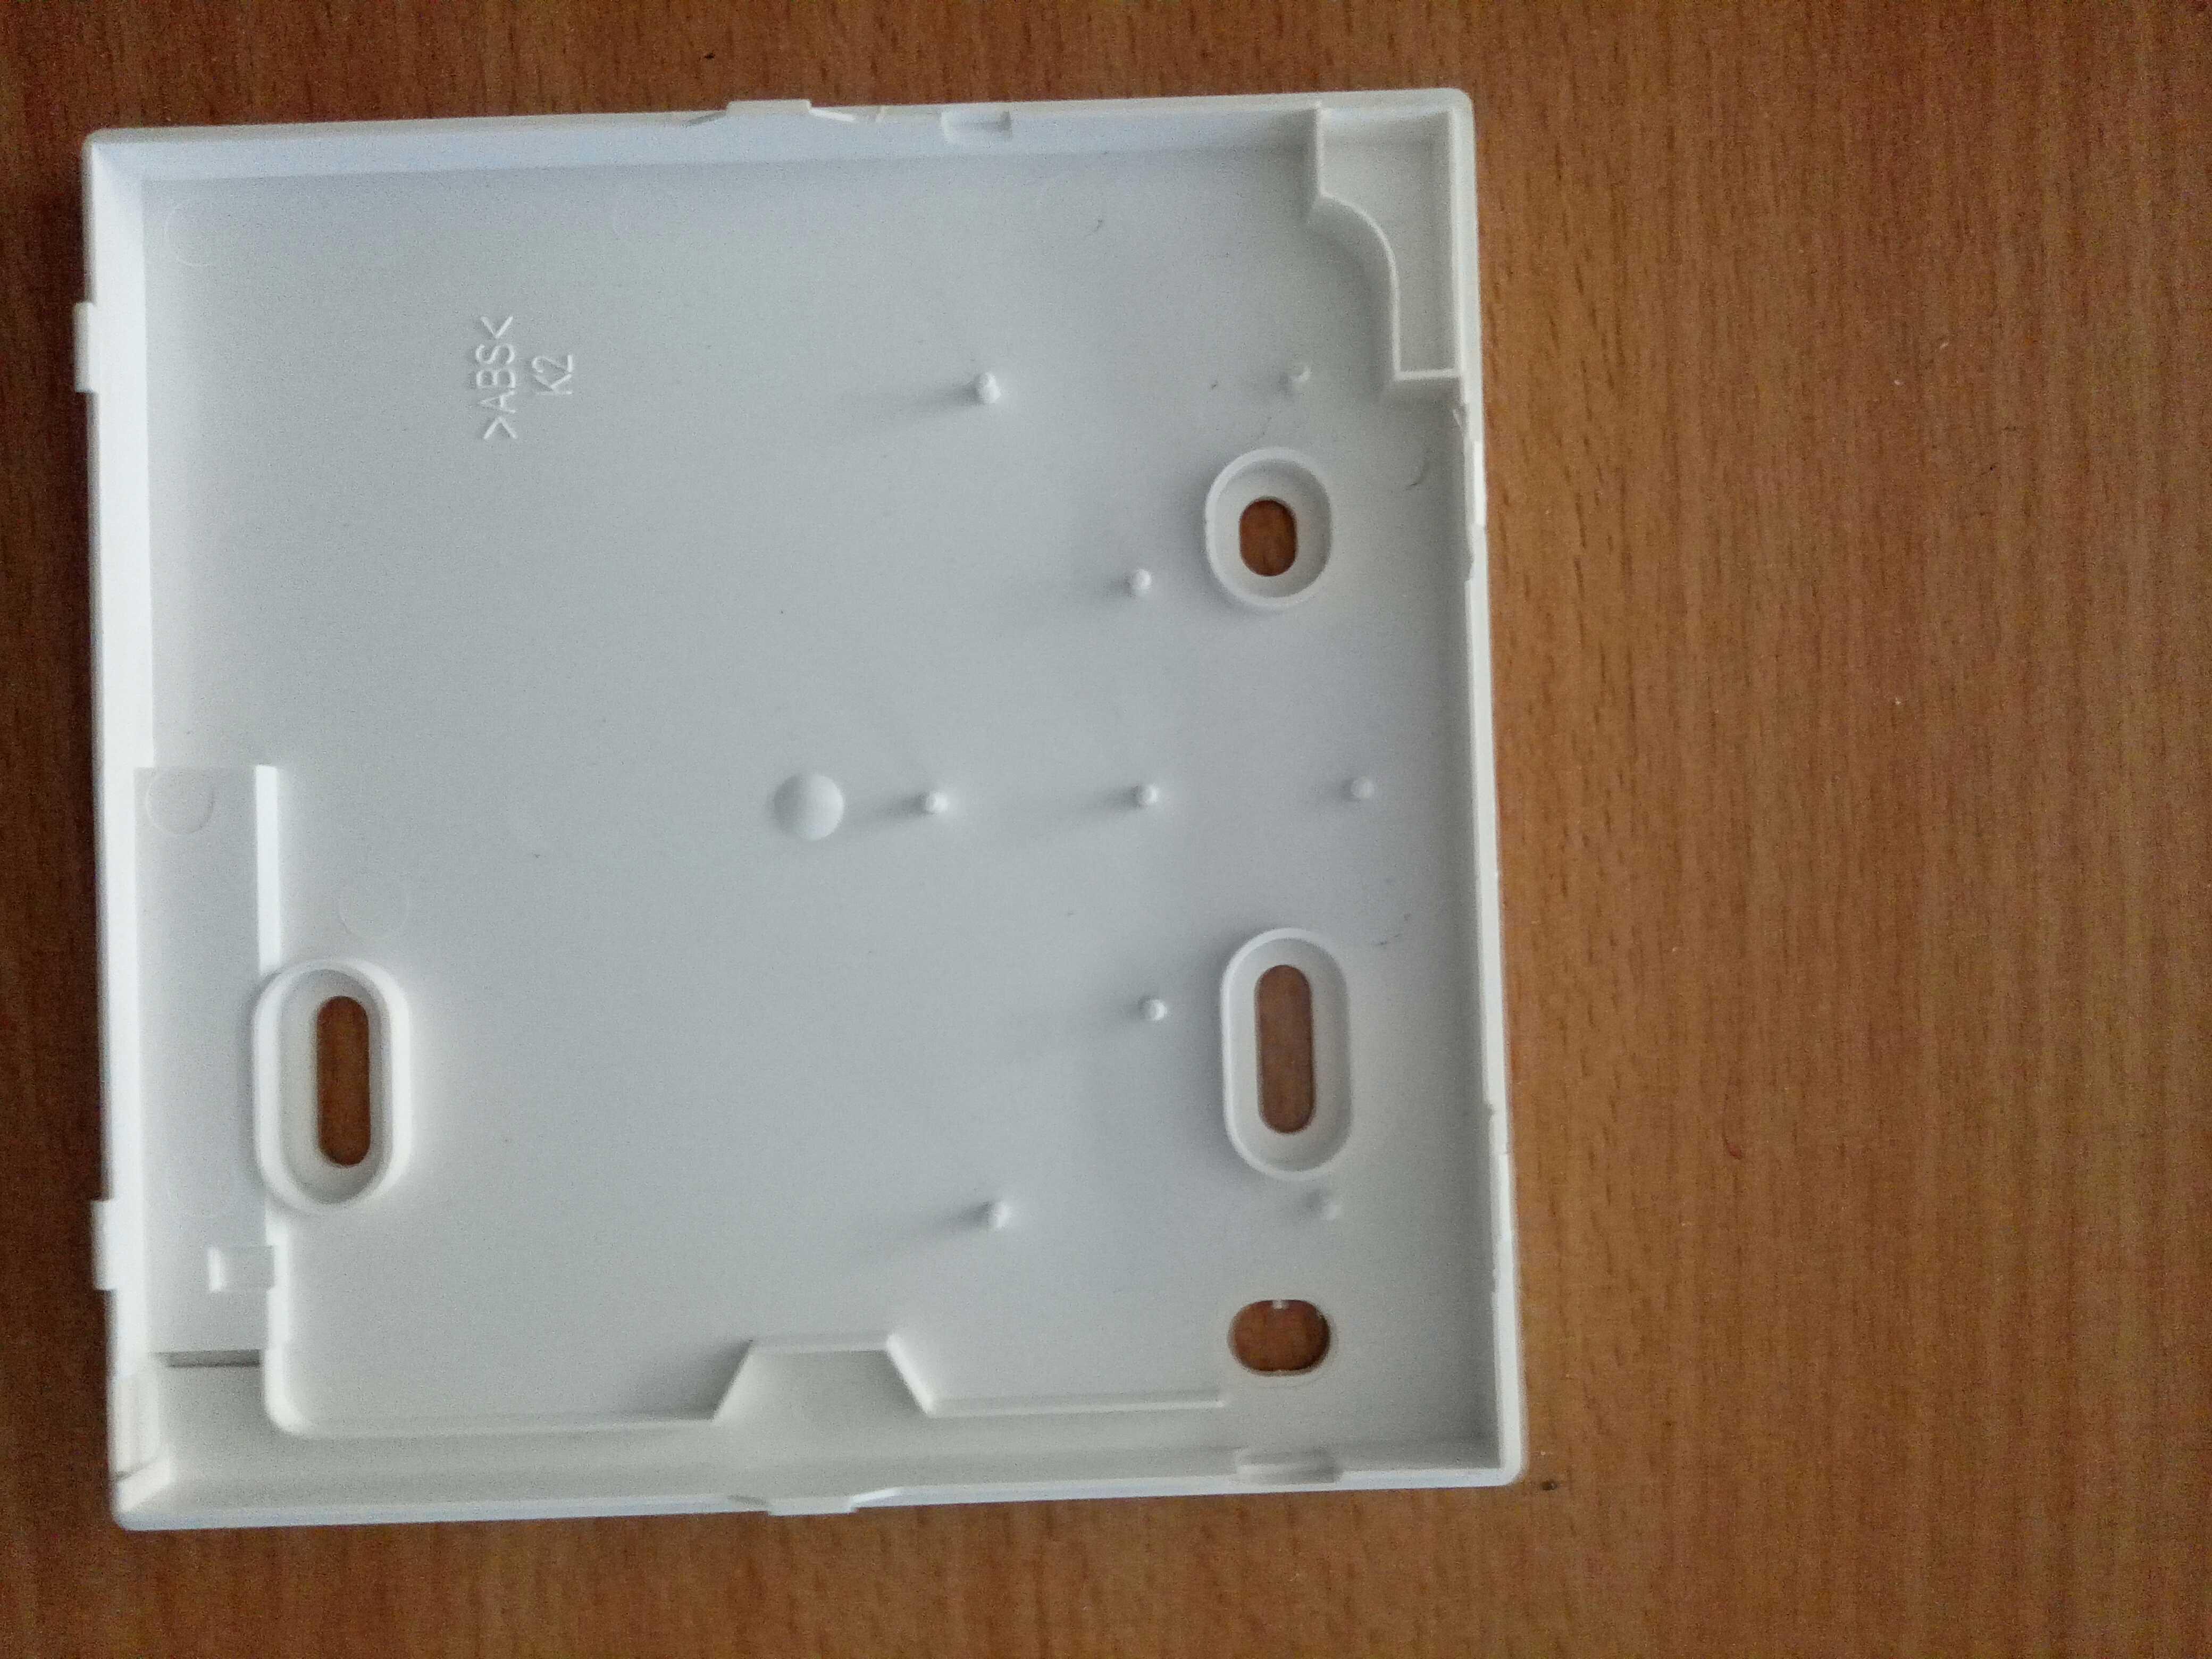 Daikin klimaanlagen - BRC1E631 STEER - by - wire - by - wire - box auf der rückseite